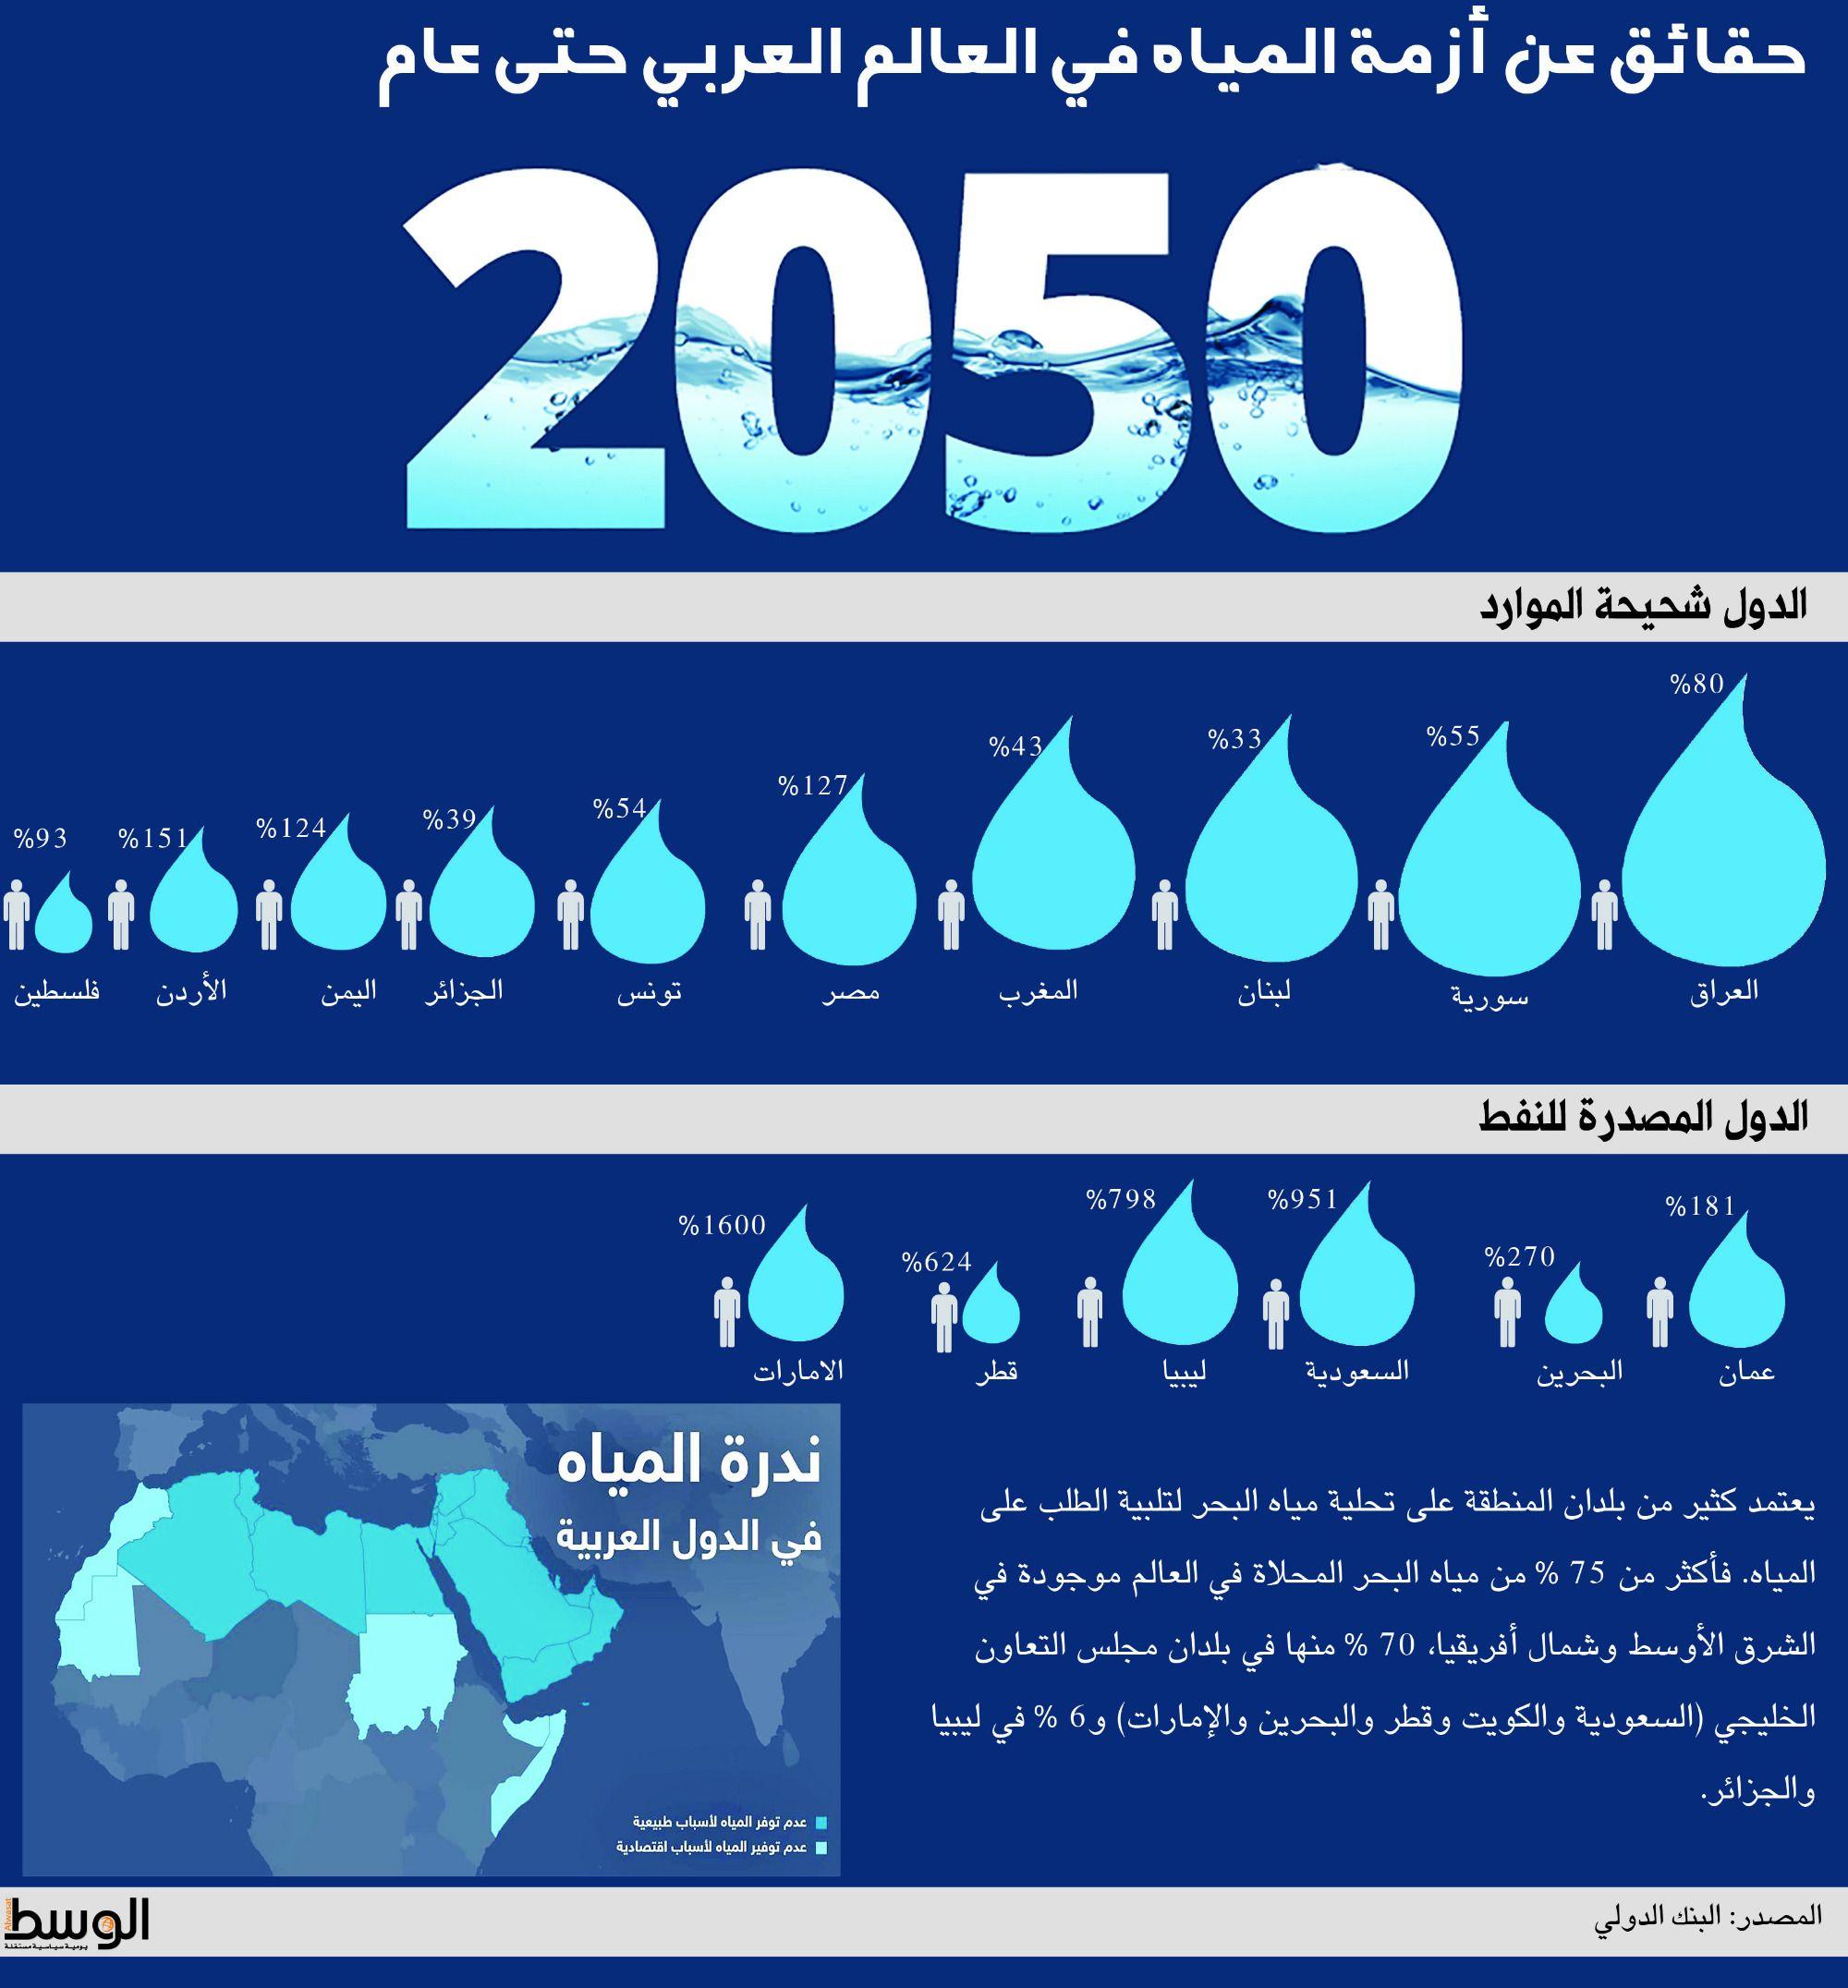 انفوجرافيك الوسط البحرين في مقدمة دول العالم المهددة بنضوب الموارد المائية والسعودية التاسعة البحرين صحيفة الوسط البح Pandora Screenshot Screenshots